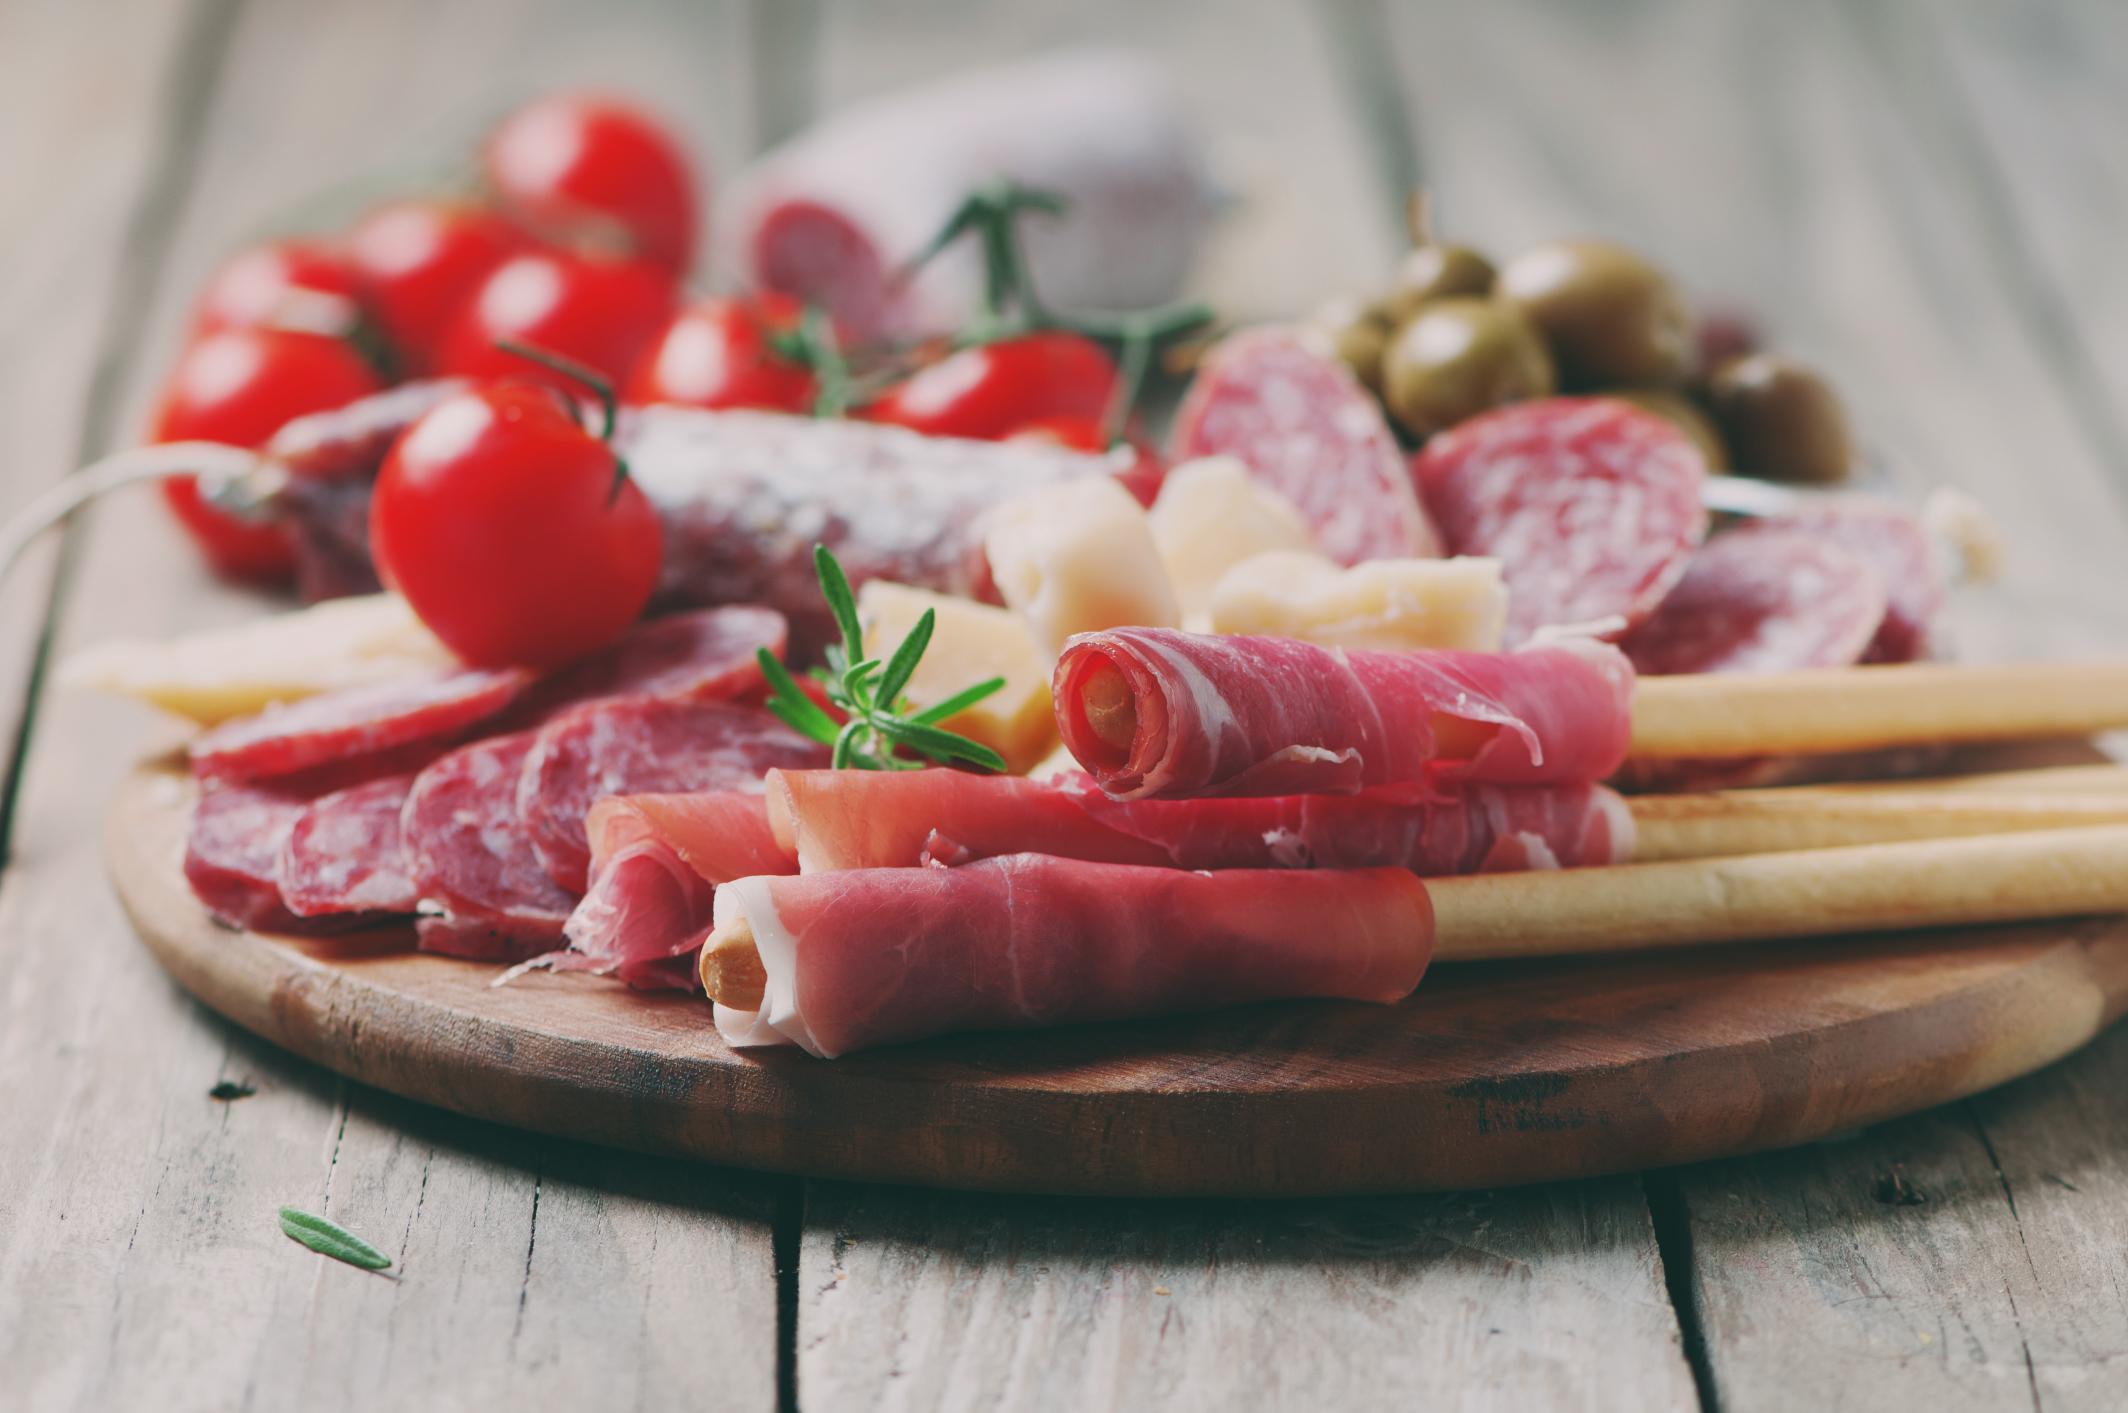 Italienische Wurstspezialitäten